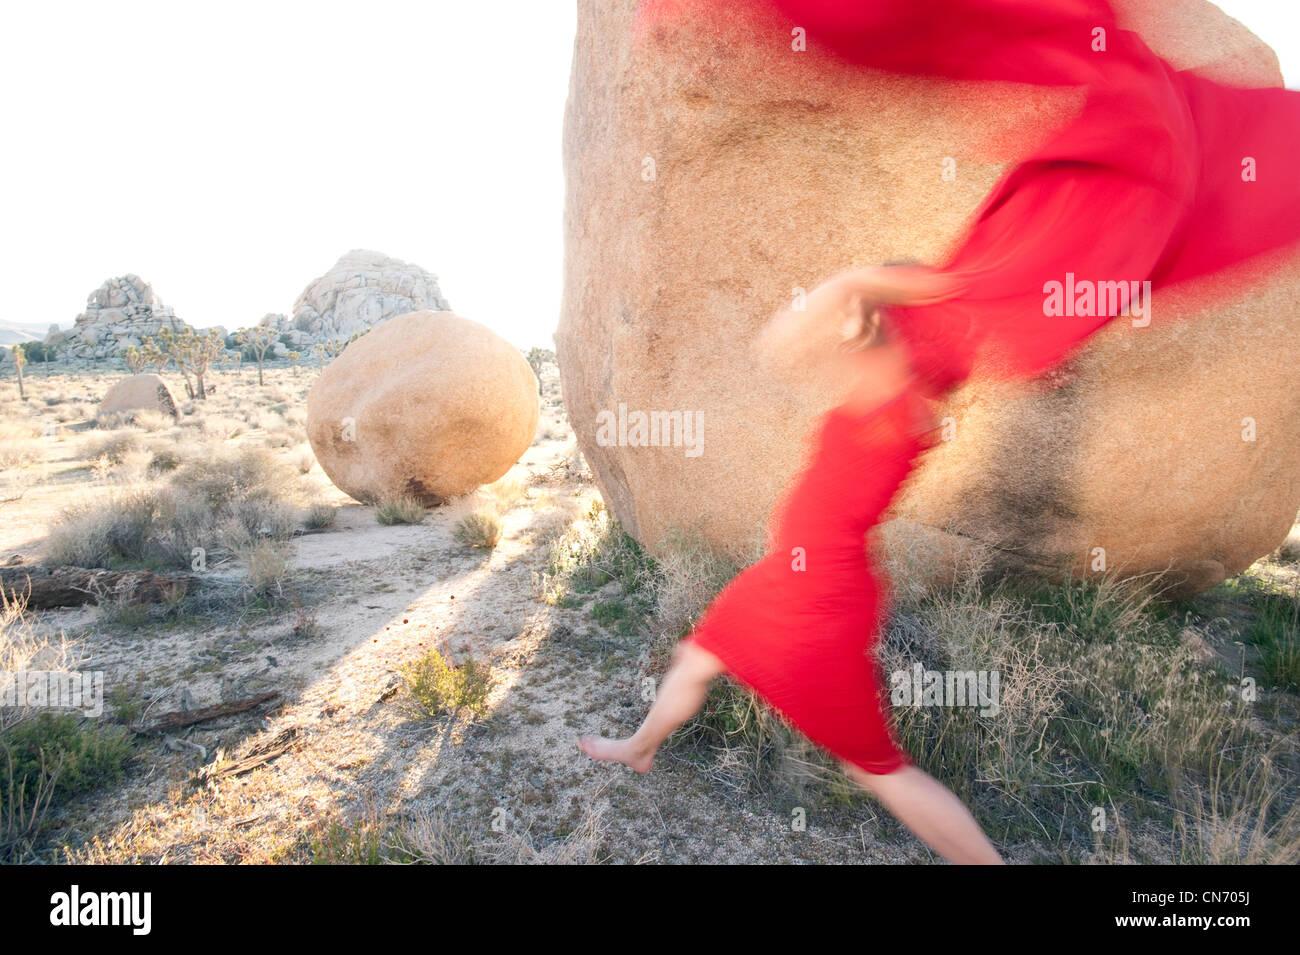 Sfocata donna rosso gettando la sua sciarpa rossa in un paesaggio di pietra. Immagini Stock